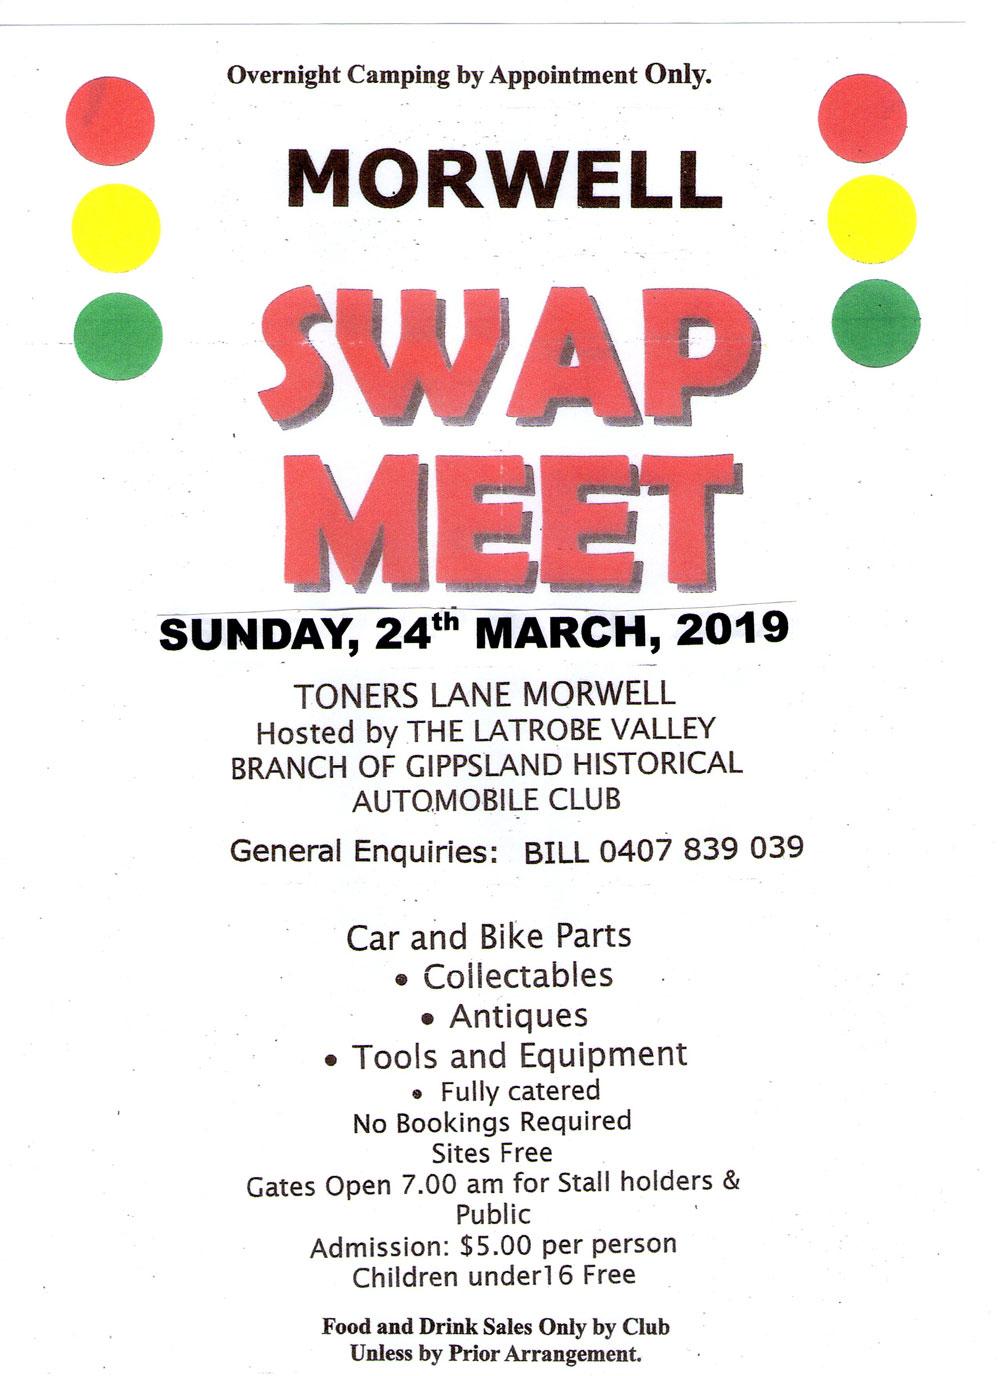 Morwell-Swap-Meet1000.jpg